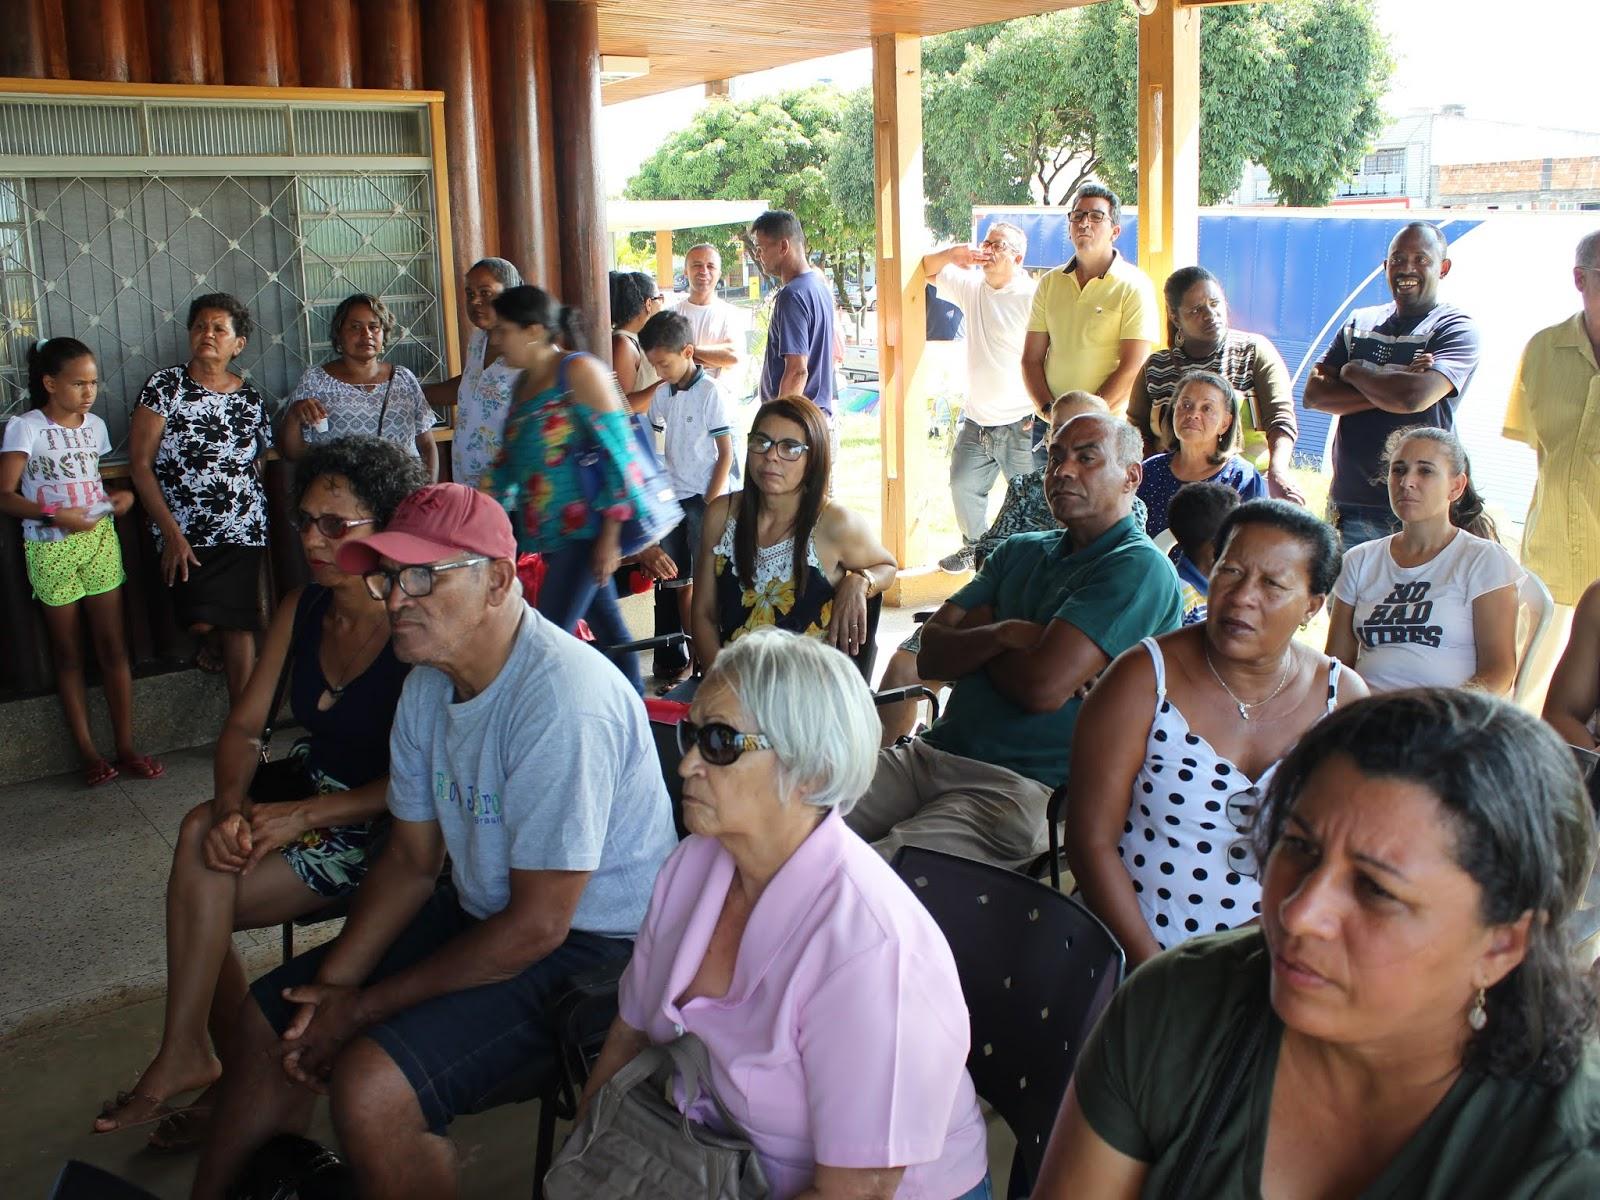 IMG 2818 - Novo administrador do Paranoá, Sergio Damasceno, começa seu primeiro dia de trabalho no Domingo ouvindo a comunidade local.